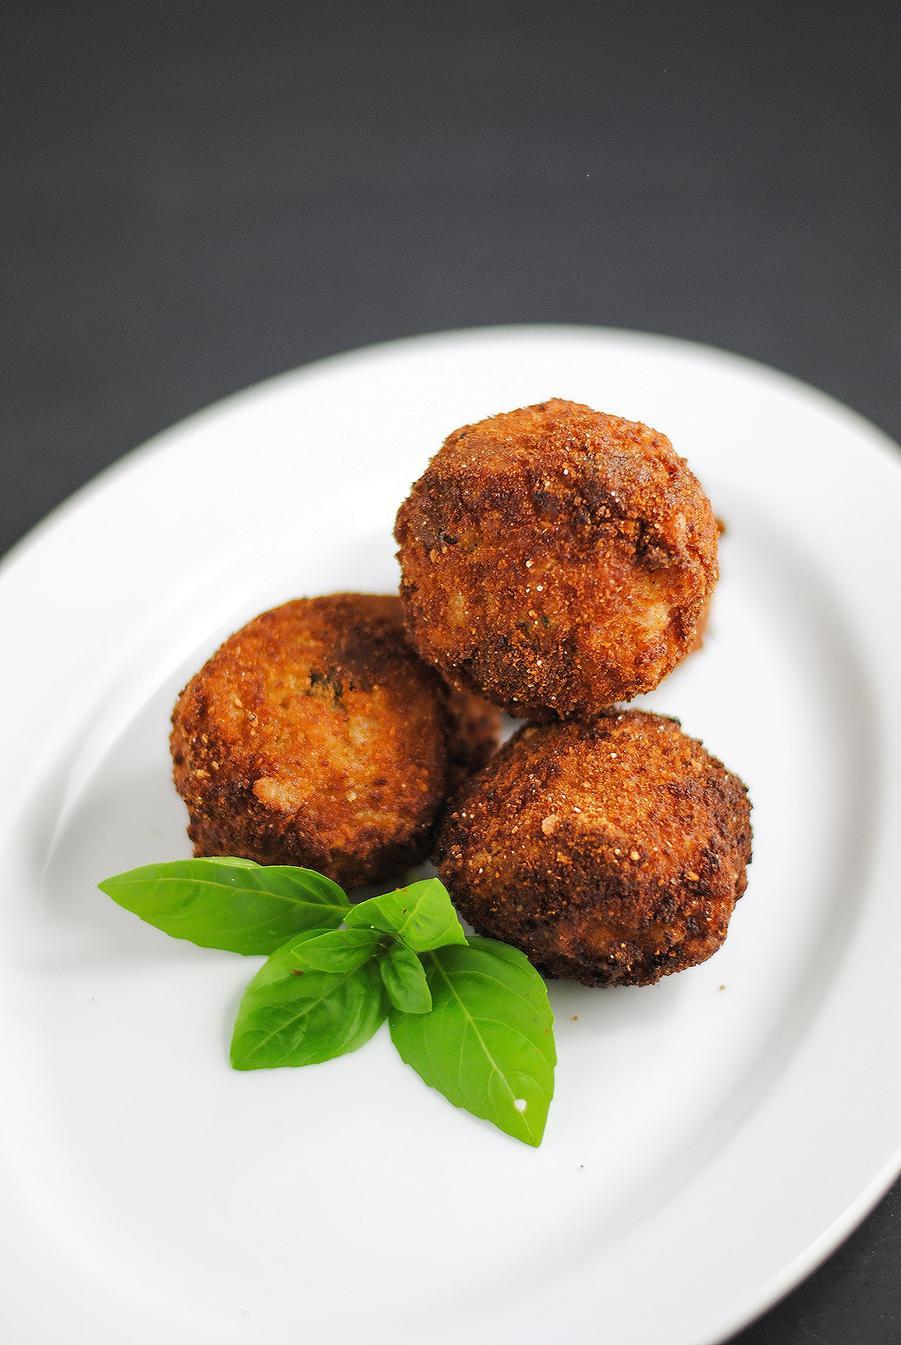 arancini or risotto balls